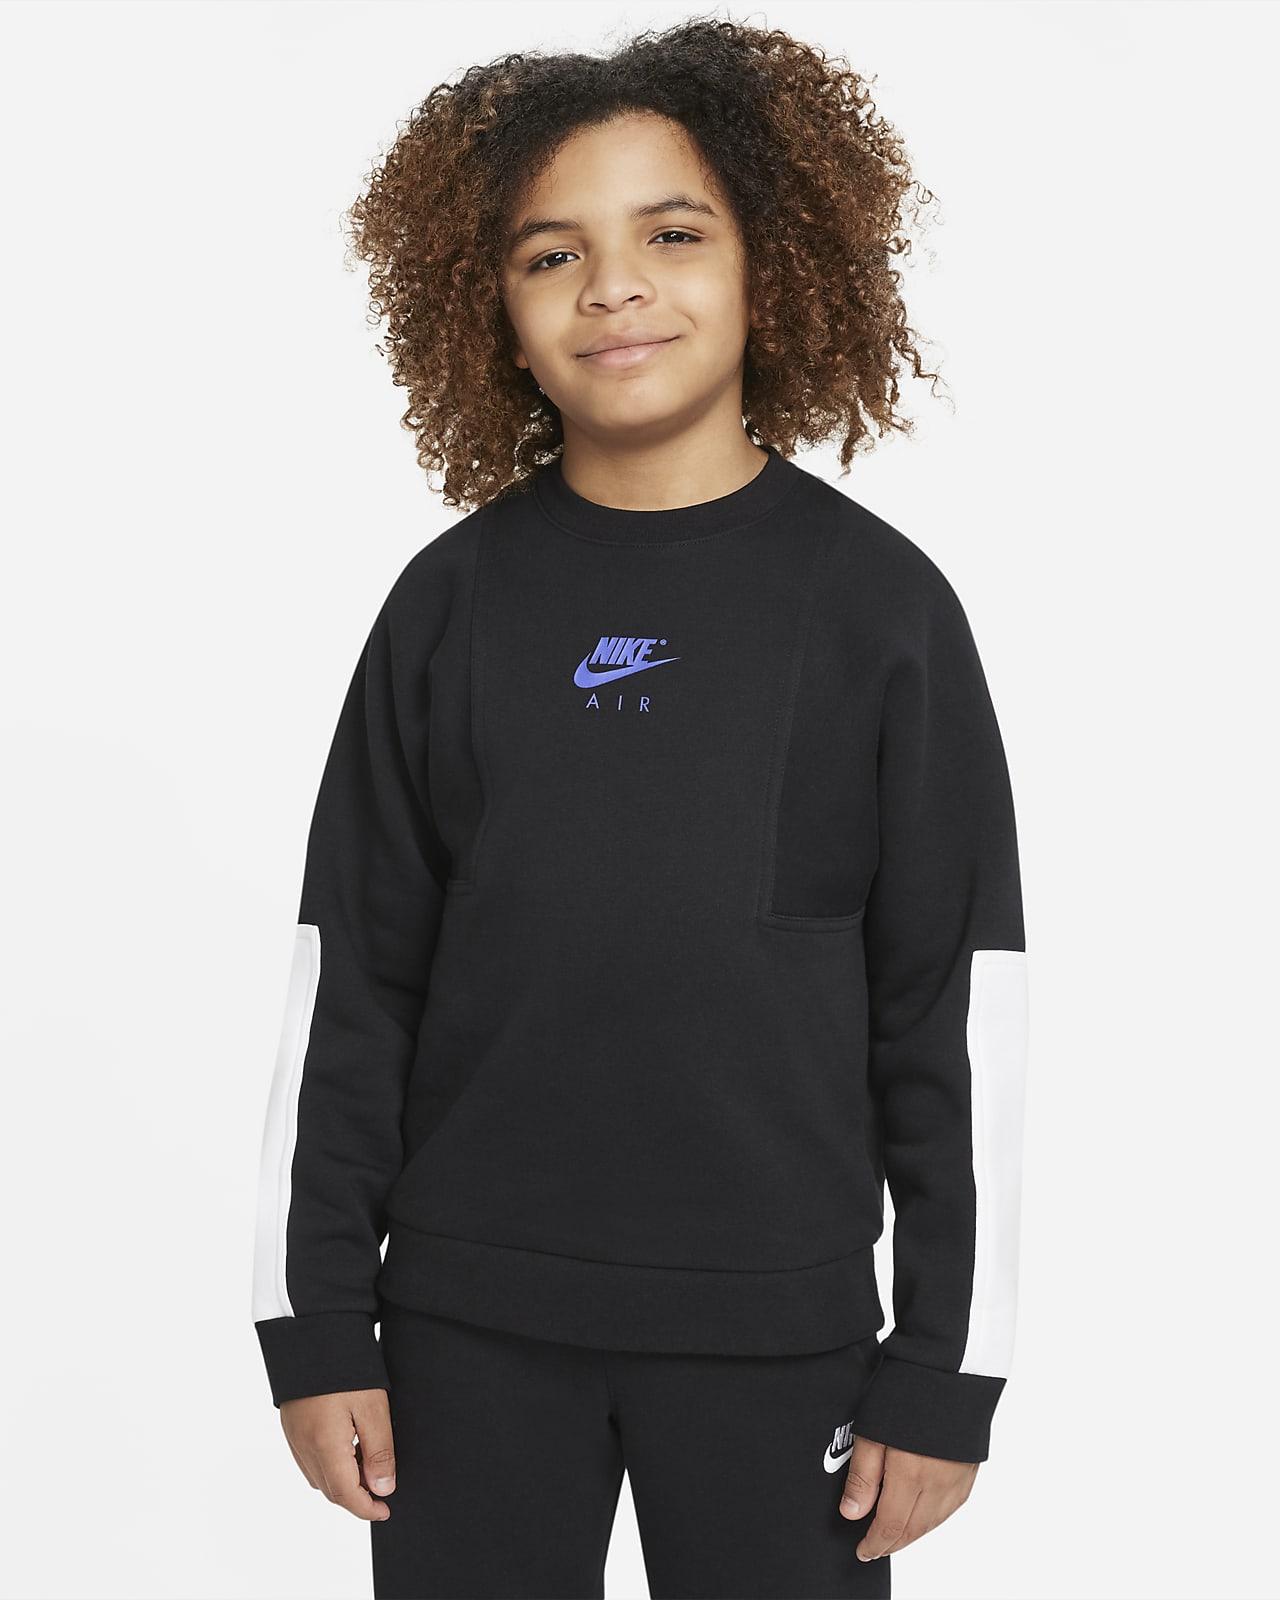 Nike Air Older Kids' (Boys') Sweatshirt